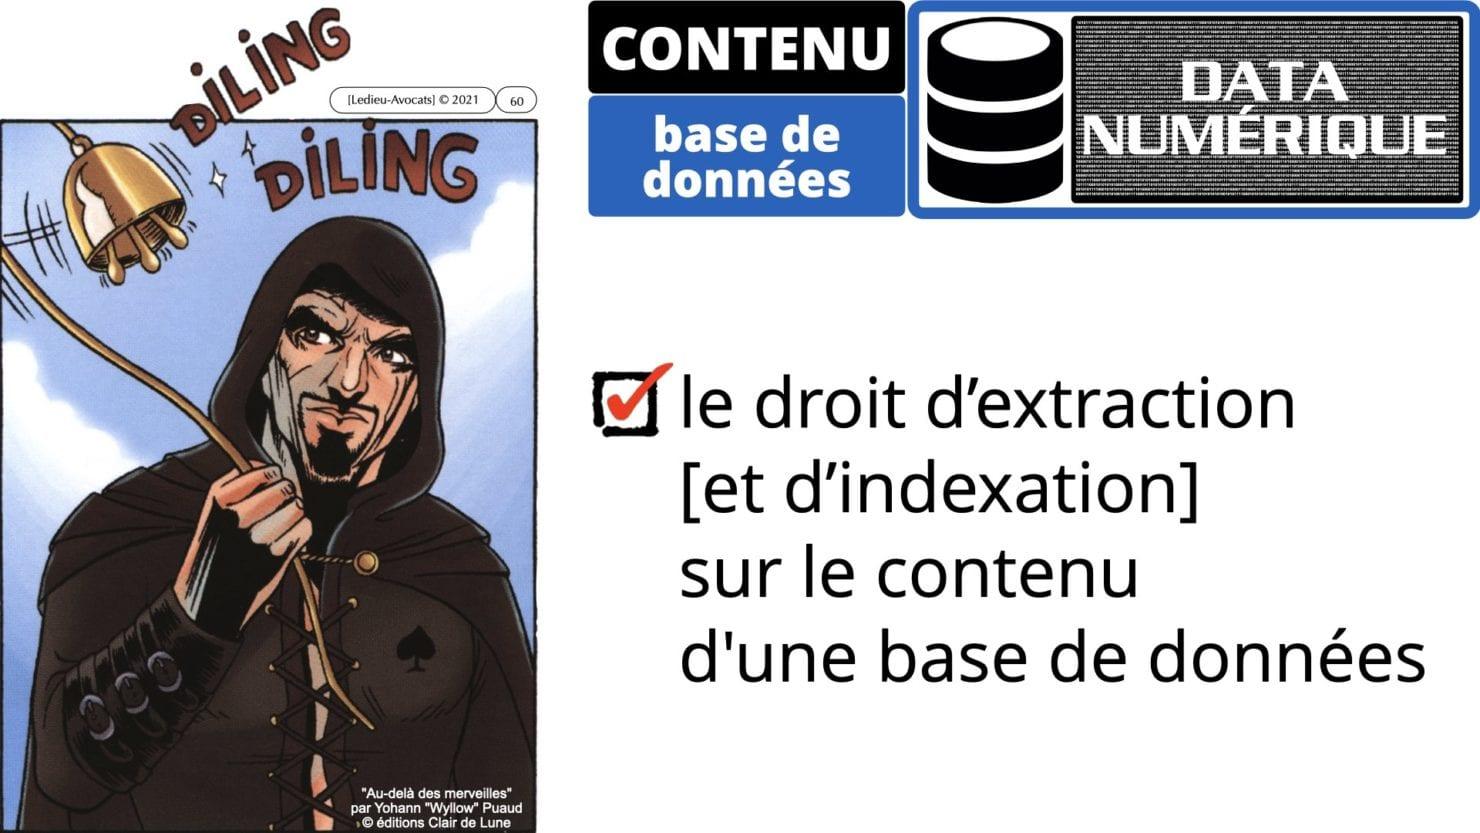 334 extraction indexation BASE DE DONNEES © Ledieu-avocat 24-05-2021.060